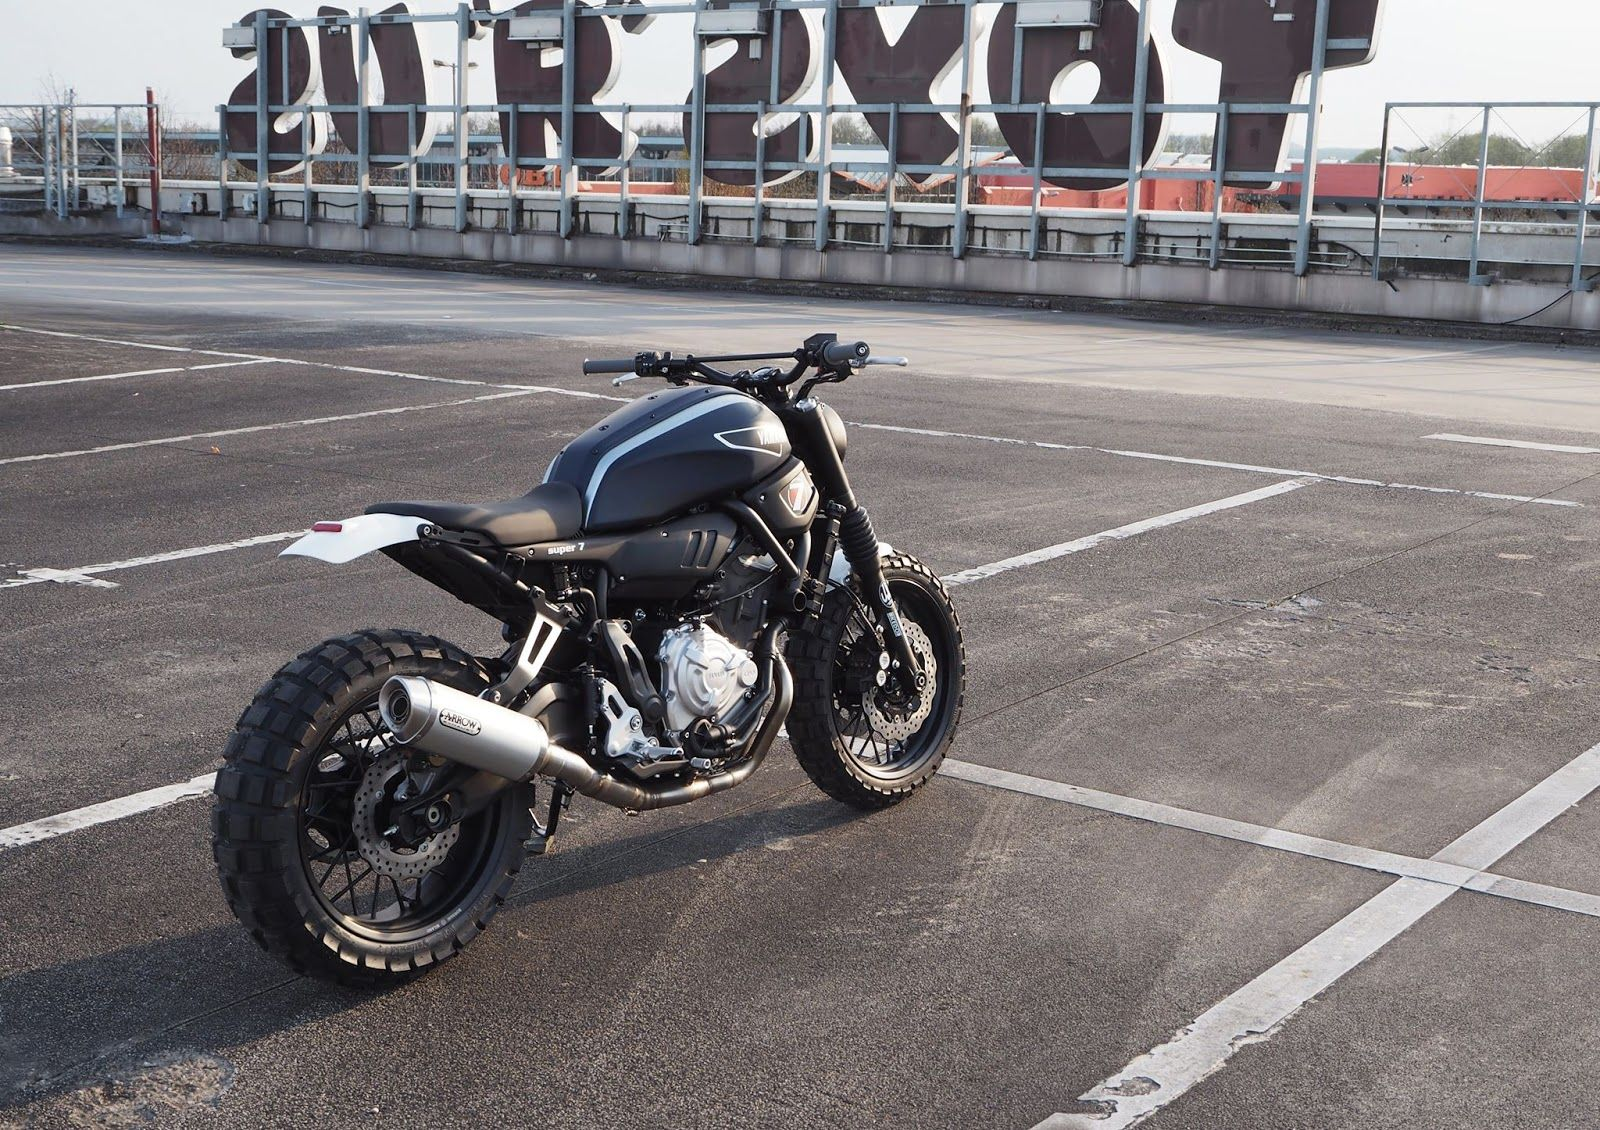 Super 7 Scrambler XSR700 By JVB Moto